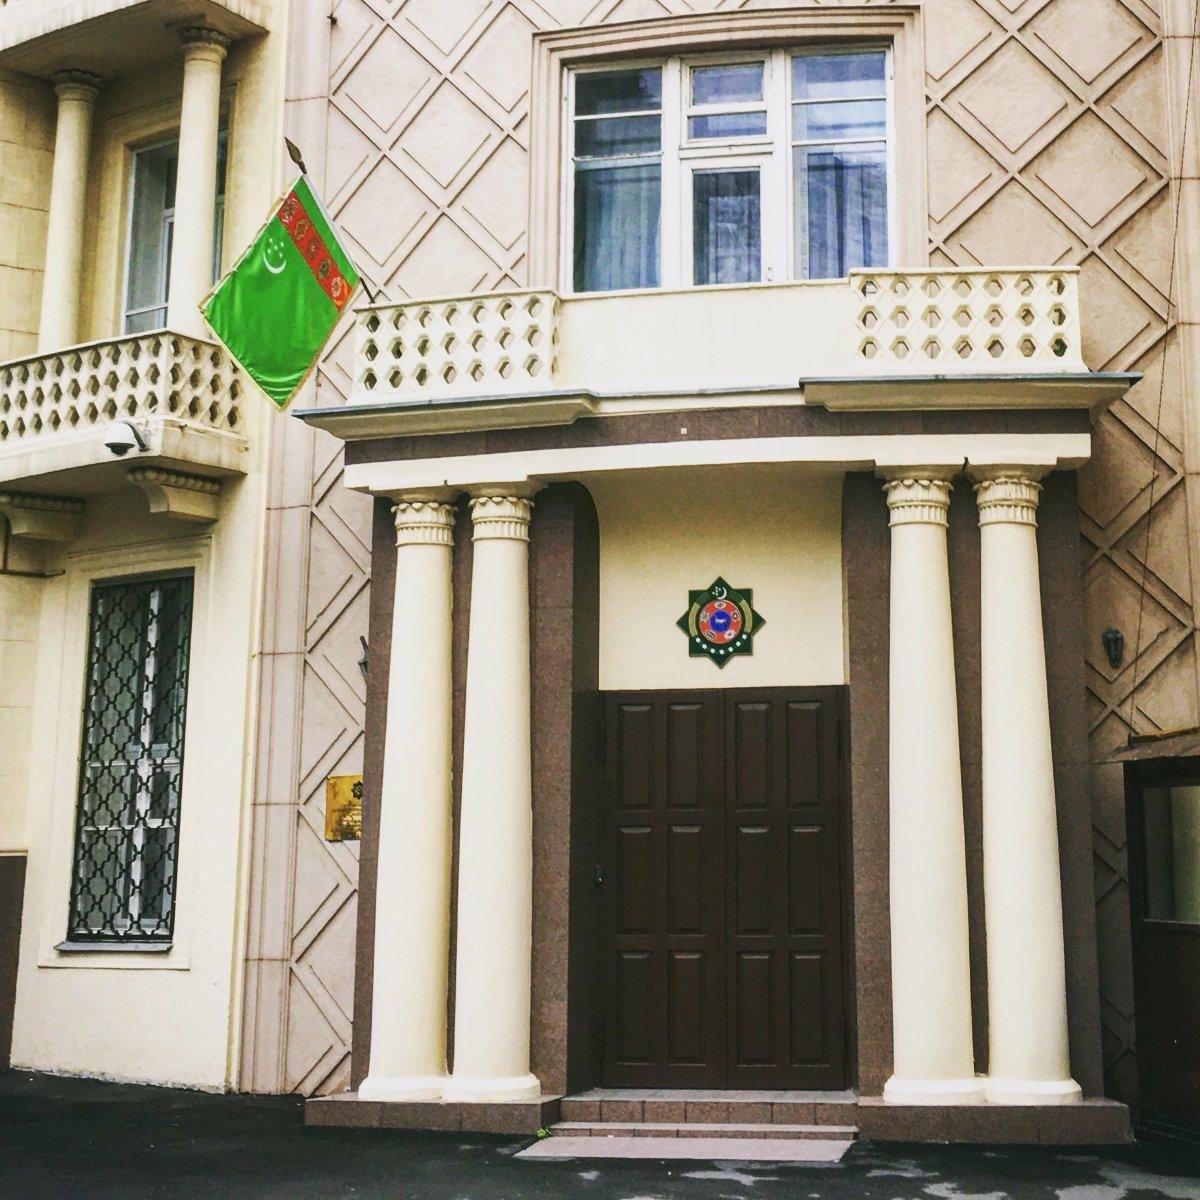 Посольство Туркменистана в г. Москве, Филипповский переулок, 22